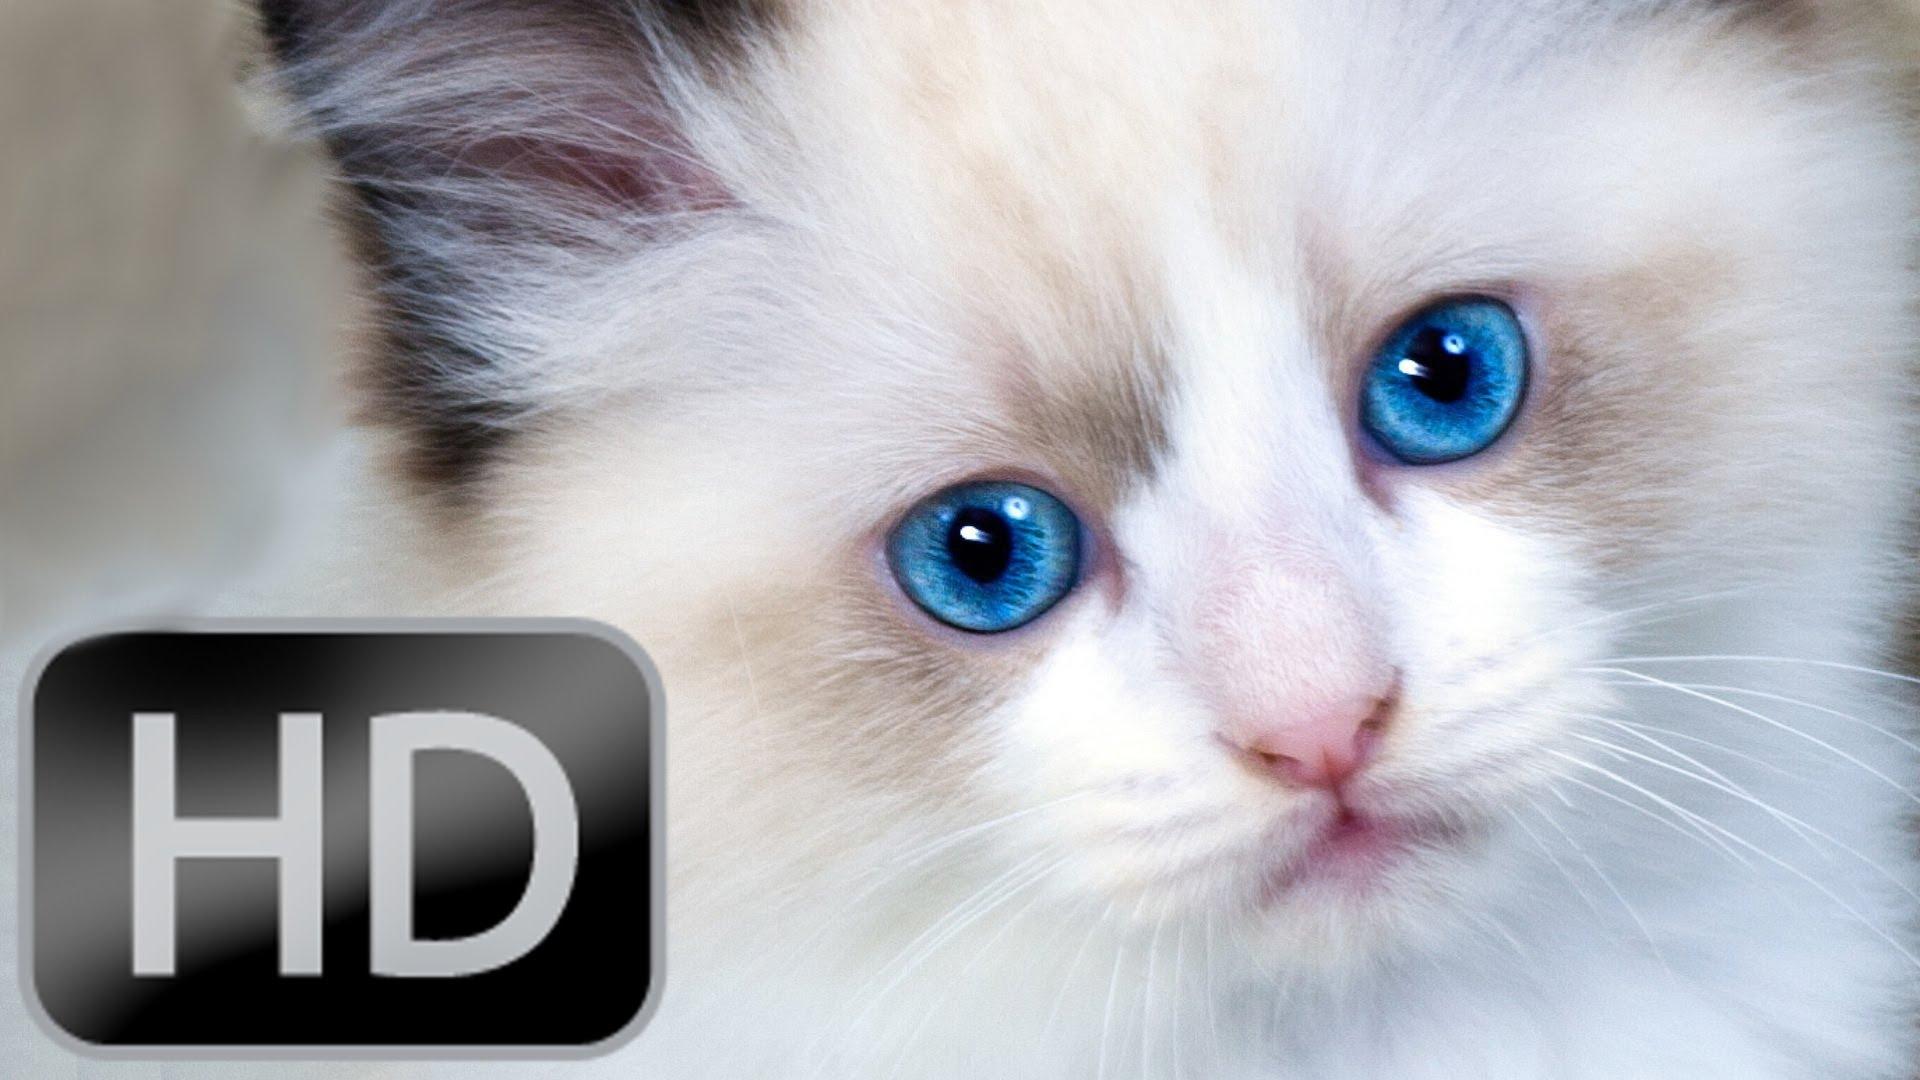 صور اجمل حيوان في العالم , صور اجمل حيوان في الكون